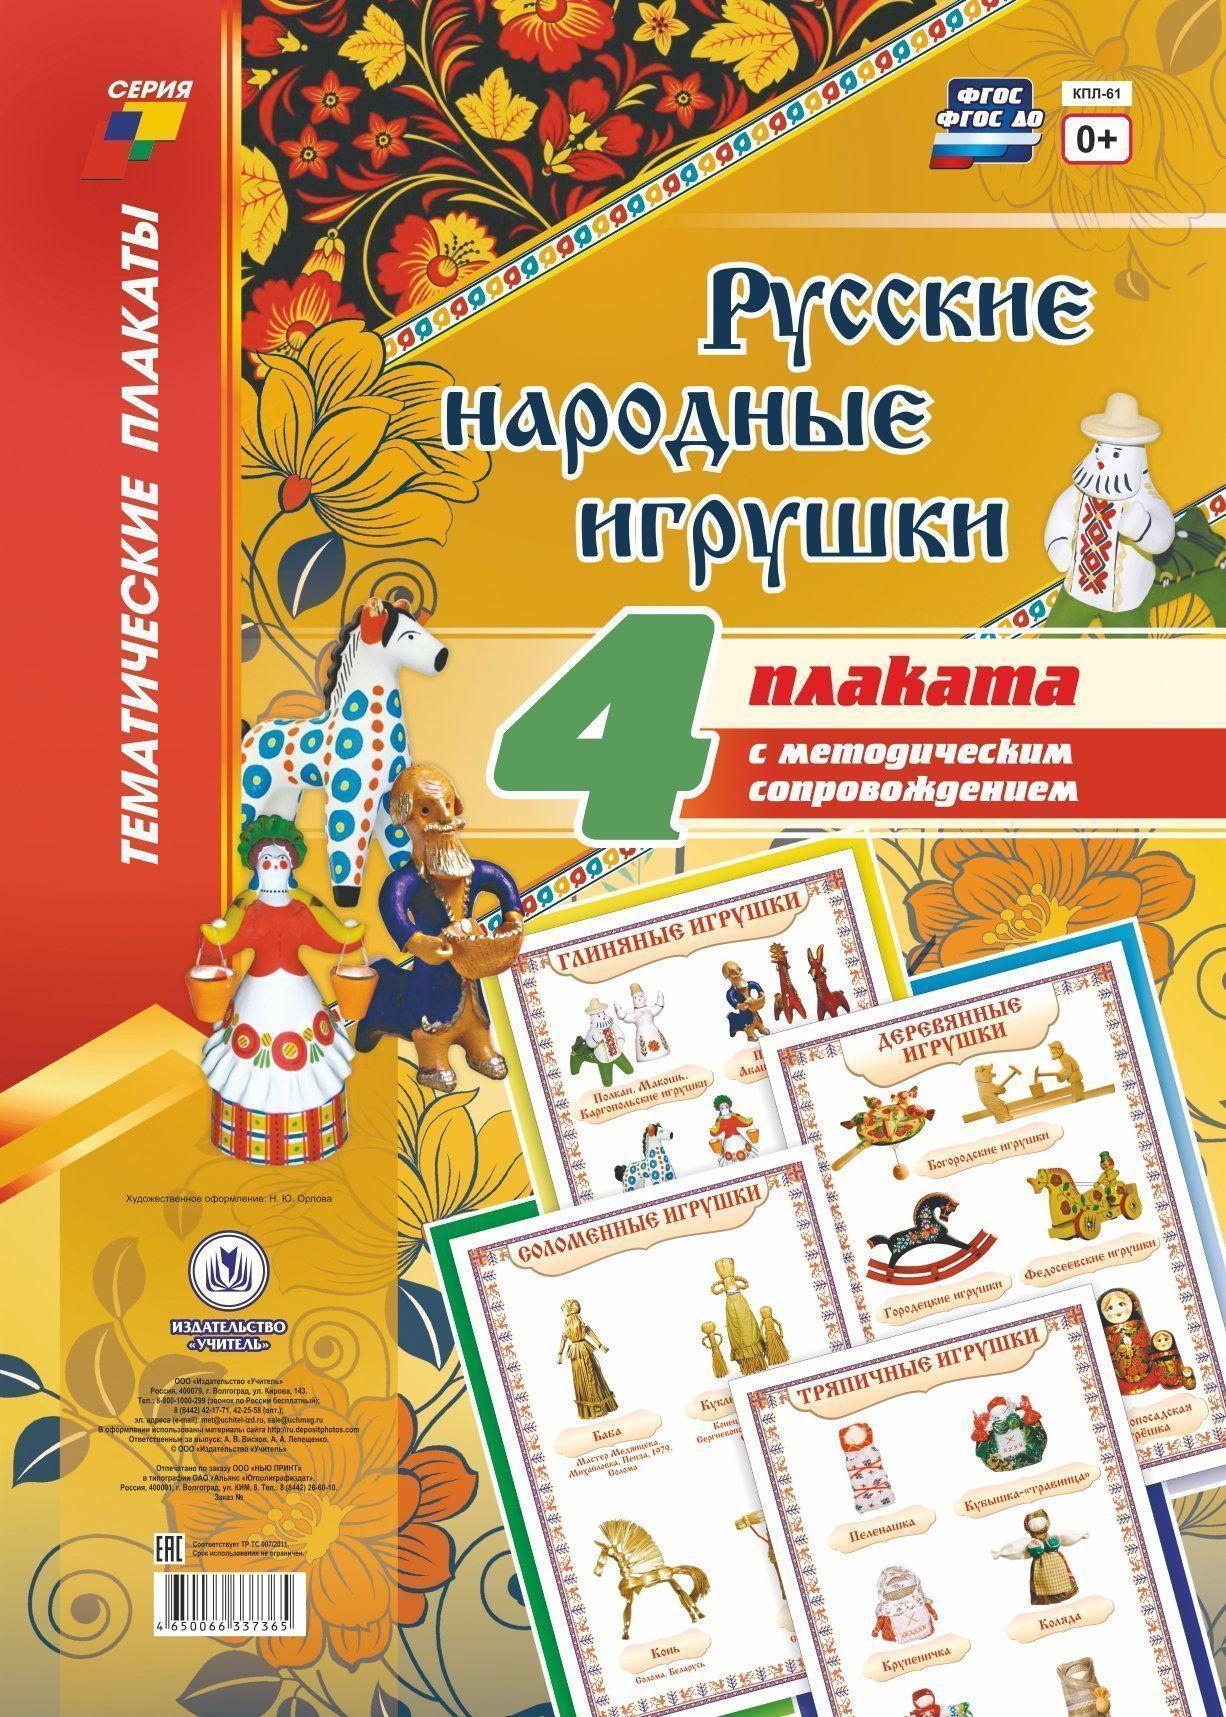 Комплект плакатов Русские народные игрушки: 4 плаката с методическим сопровождениемИнформационно-деловое оснащение ДОО<br>.<br><br>Год: 2017<br>Сери: Тематические плакаты<br>Высота: 297<br>Ширина: 420